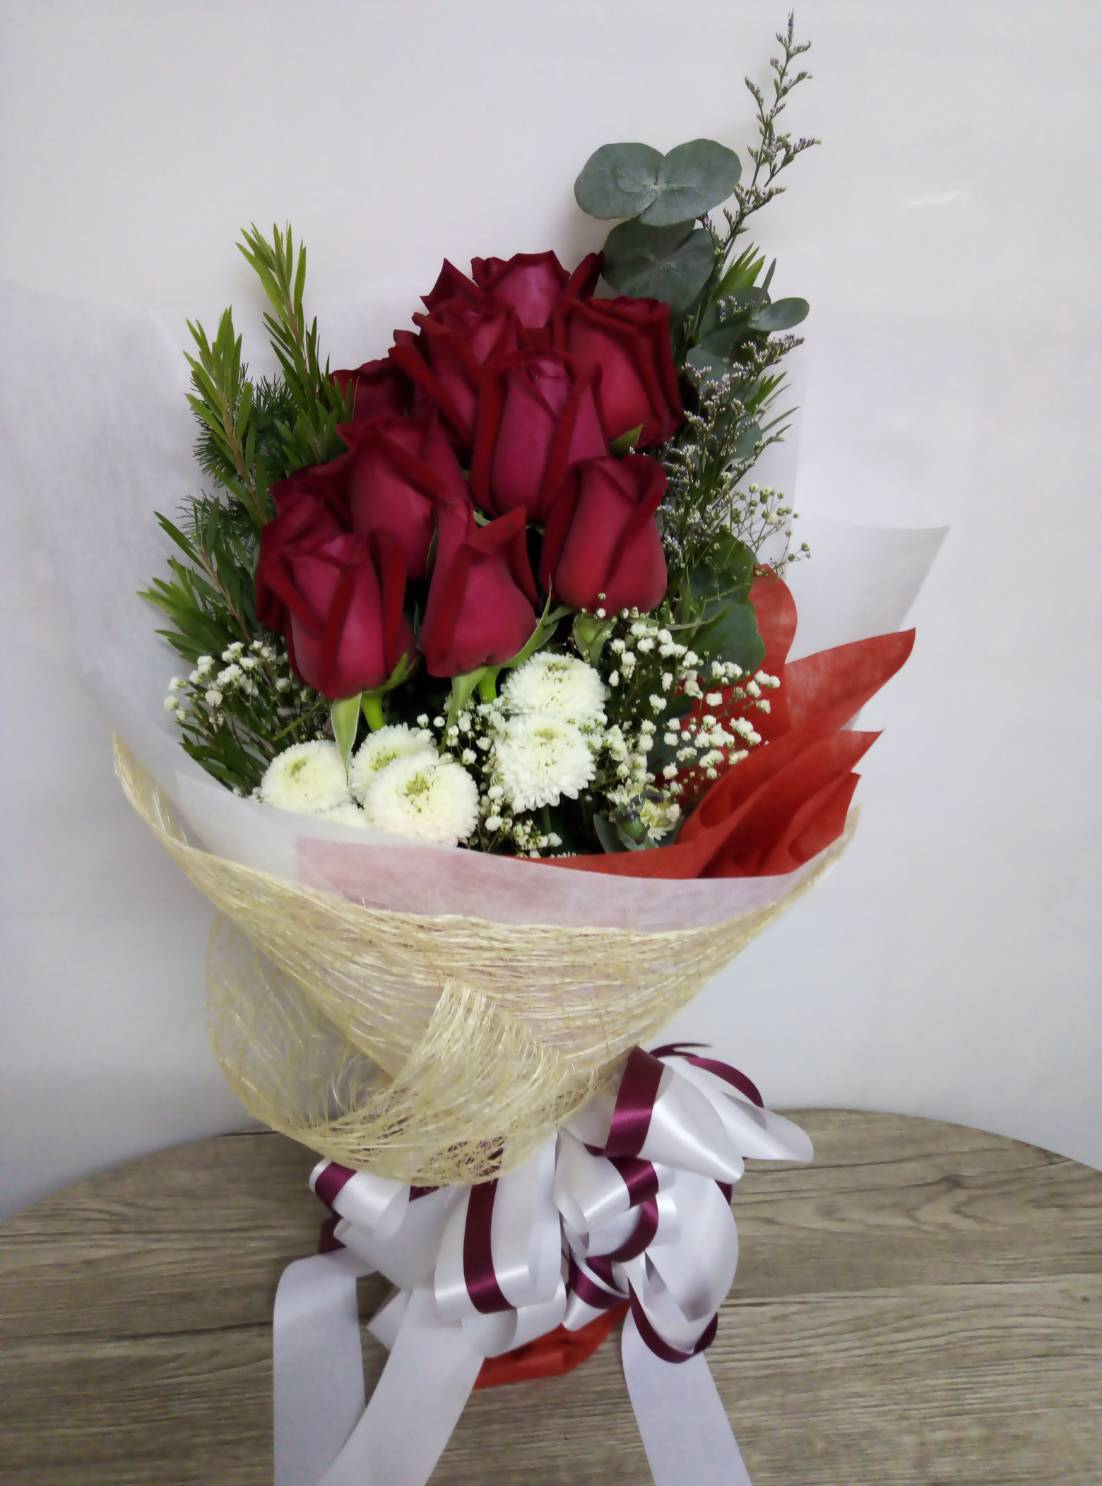 แจกันดอกไม้ไซส์ใหญ่ เลือกใช้ดอกไม้หลากชนิด หลายสีสัน เพื่อความงดงามค่ะ